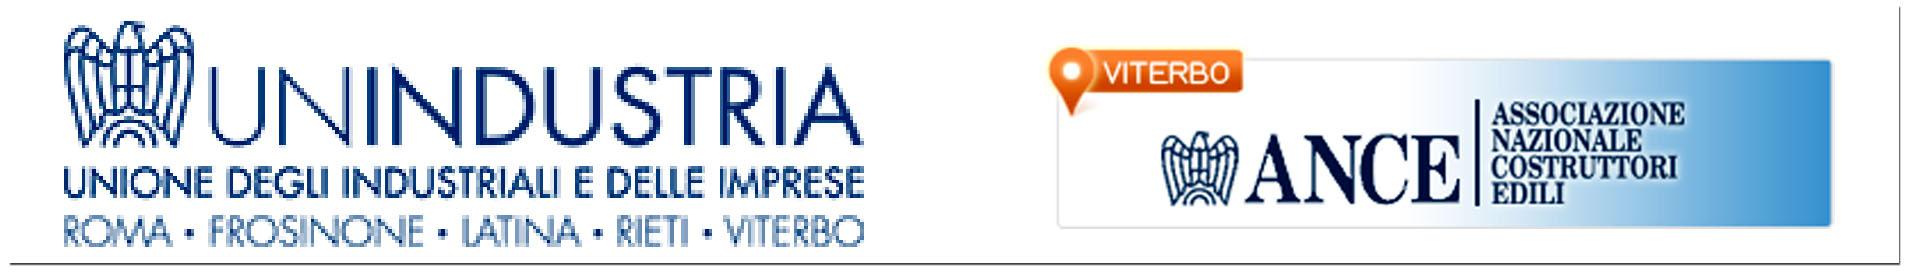 Header NEWS UNINDUSTRIA Banner